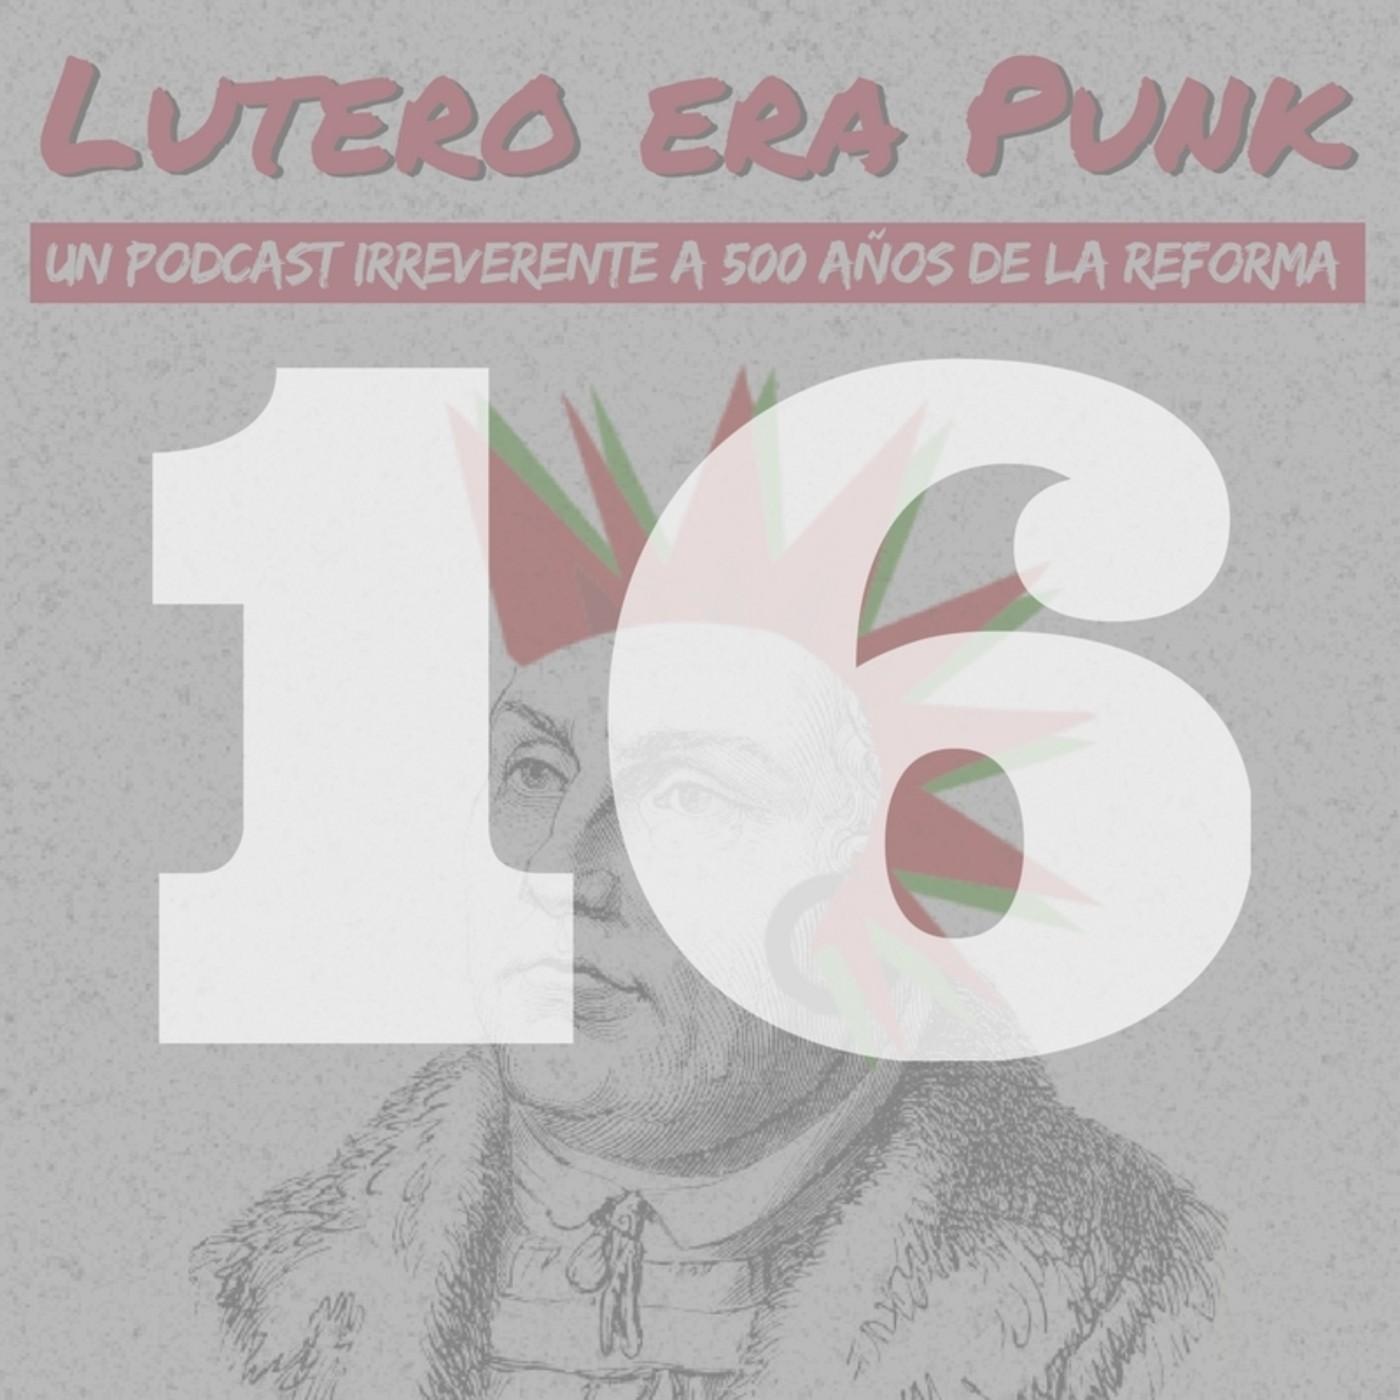 Lutero era punk | Capítulo 16